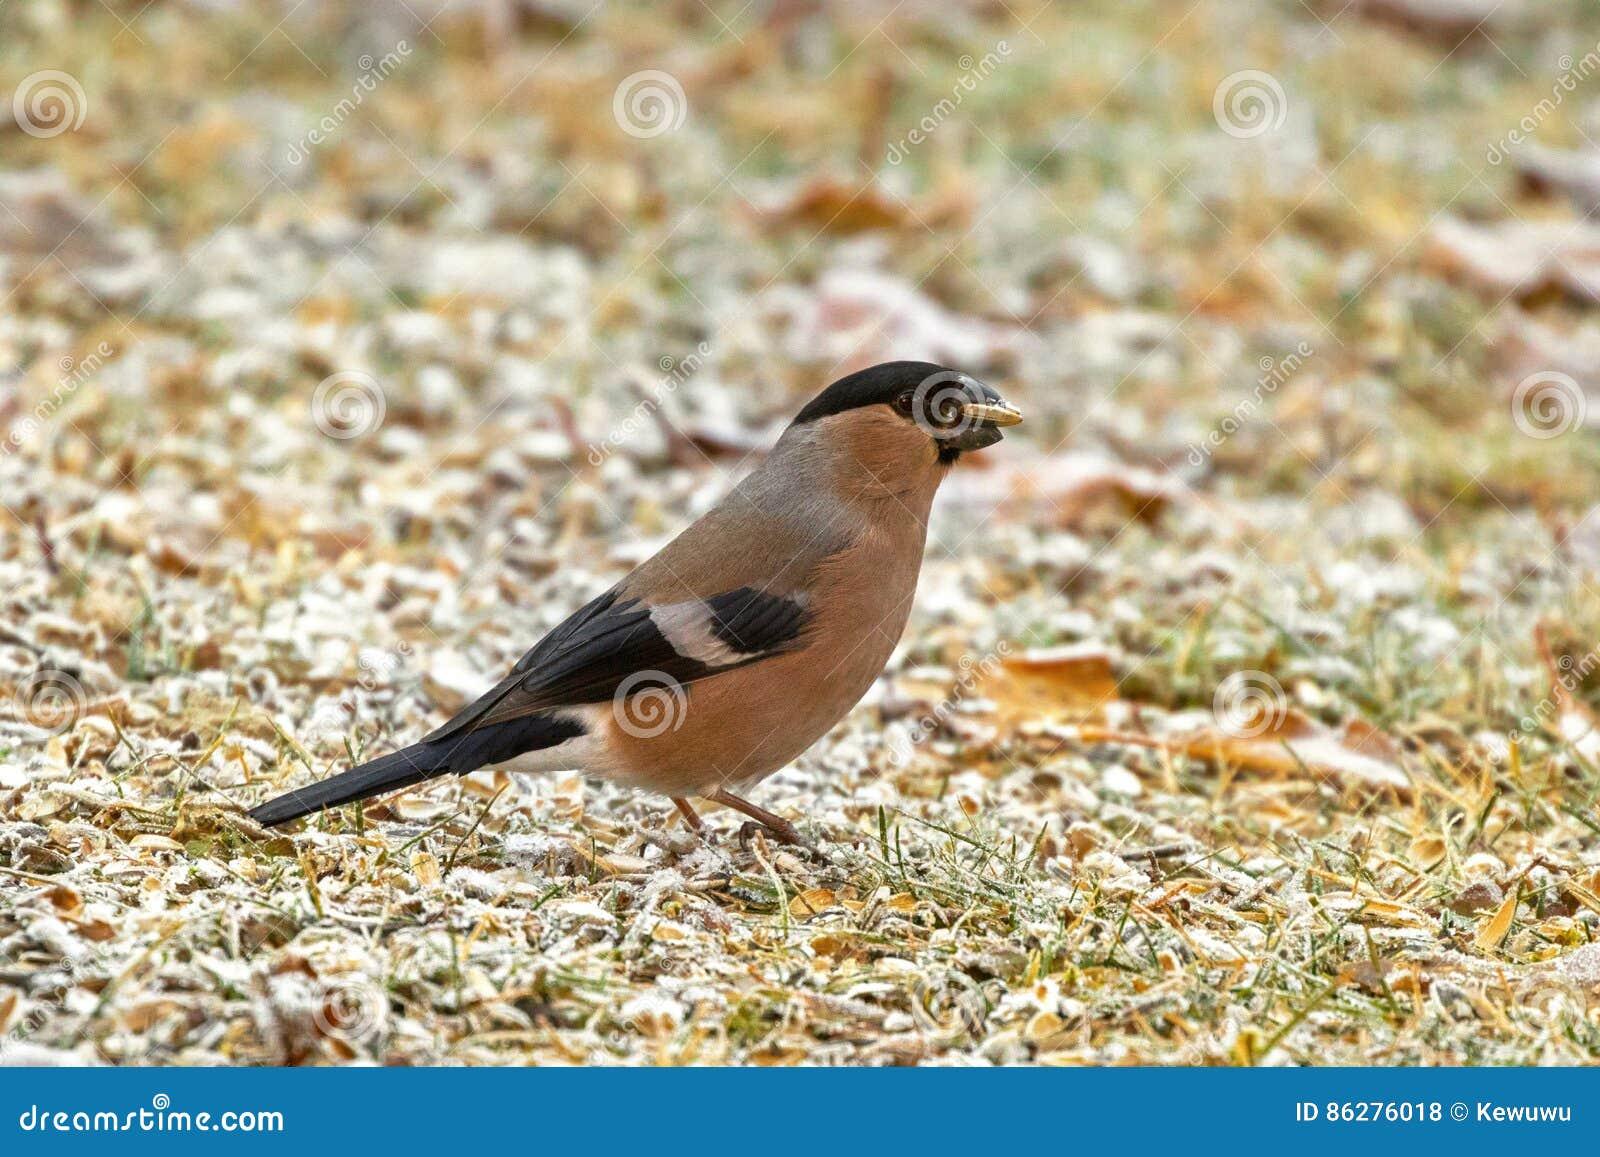 Oiseau commun eurasien femelle de bouvreuil mangeant la - Graine de piment oiseau ...